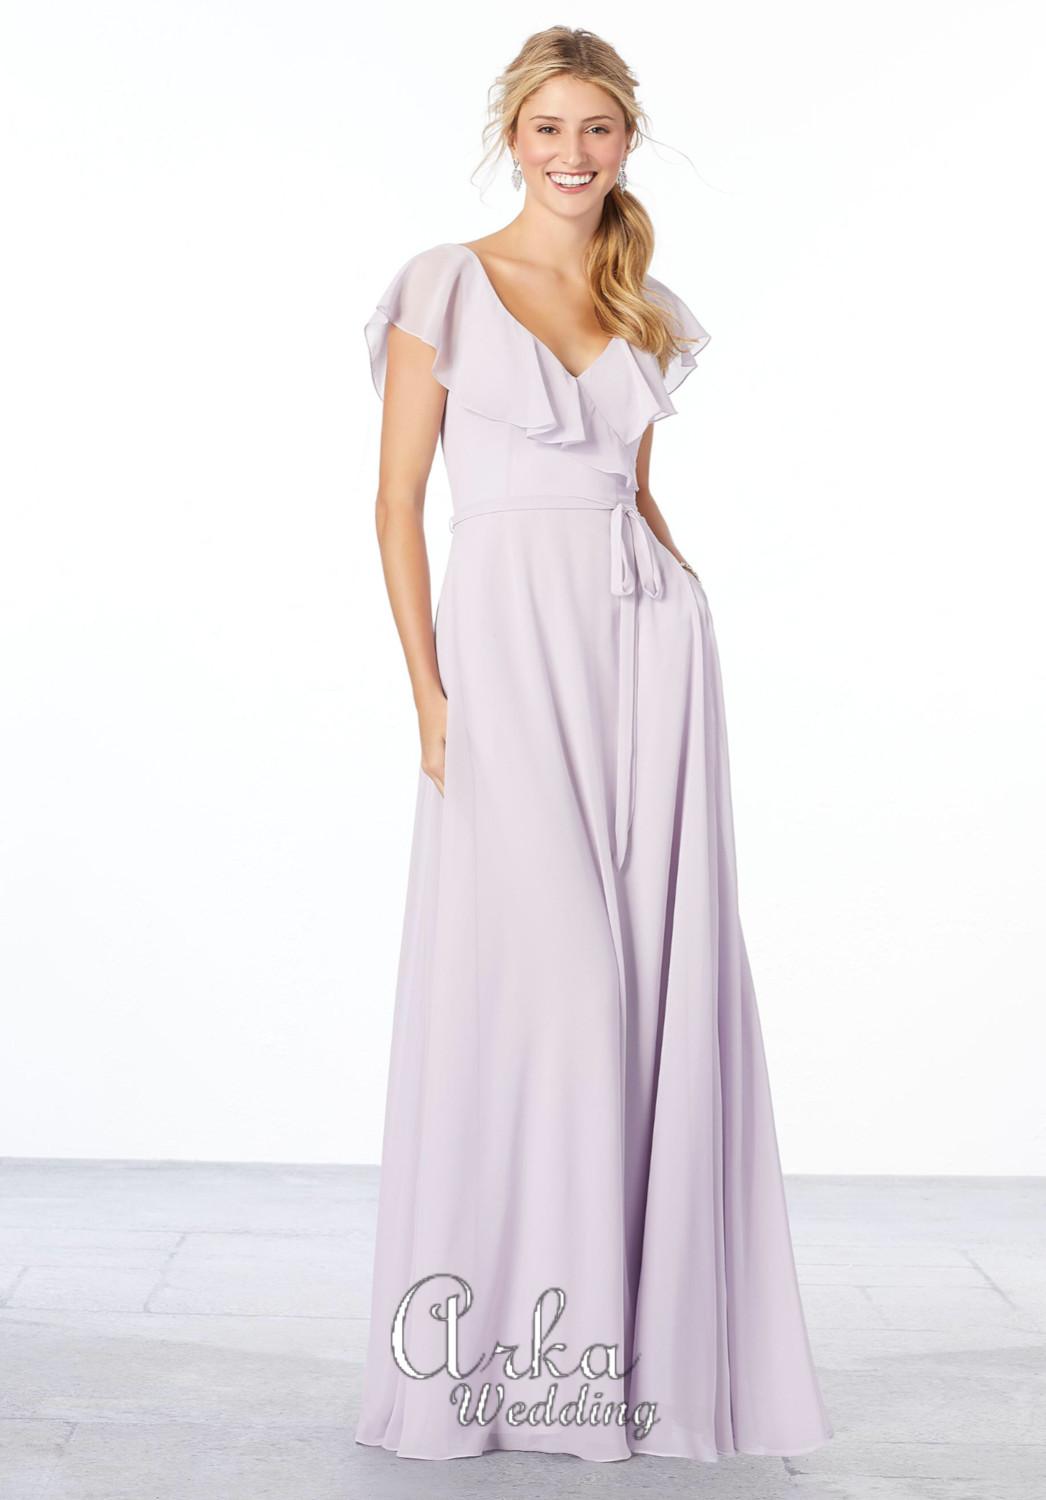 Βραδινό Φόρεμα Μακρύ, Chiffon . Κωδ,. 21657